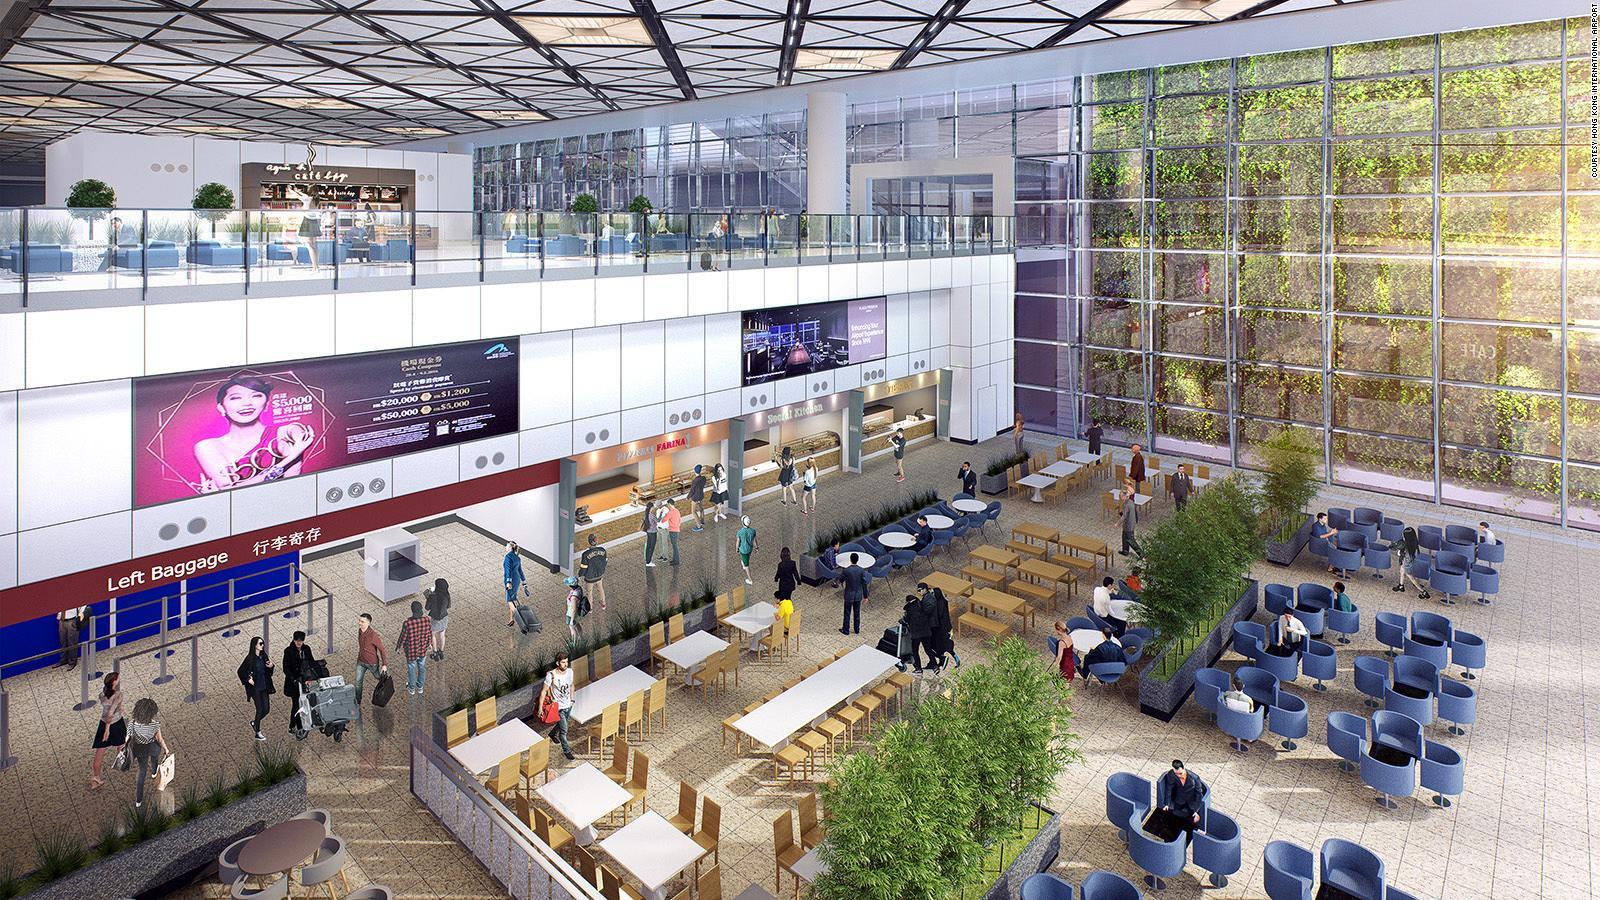 180807172845-hong-kong-airport-t1-expans